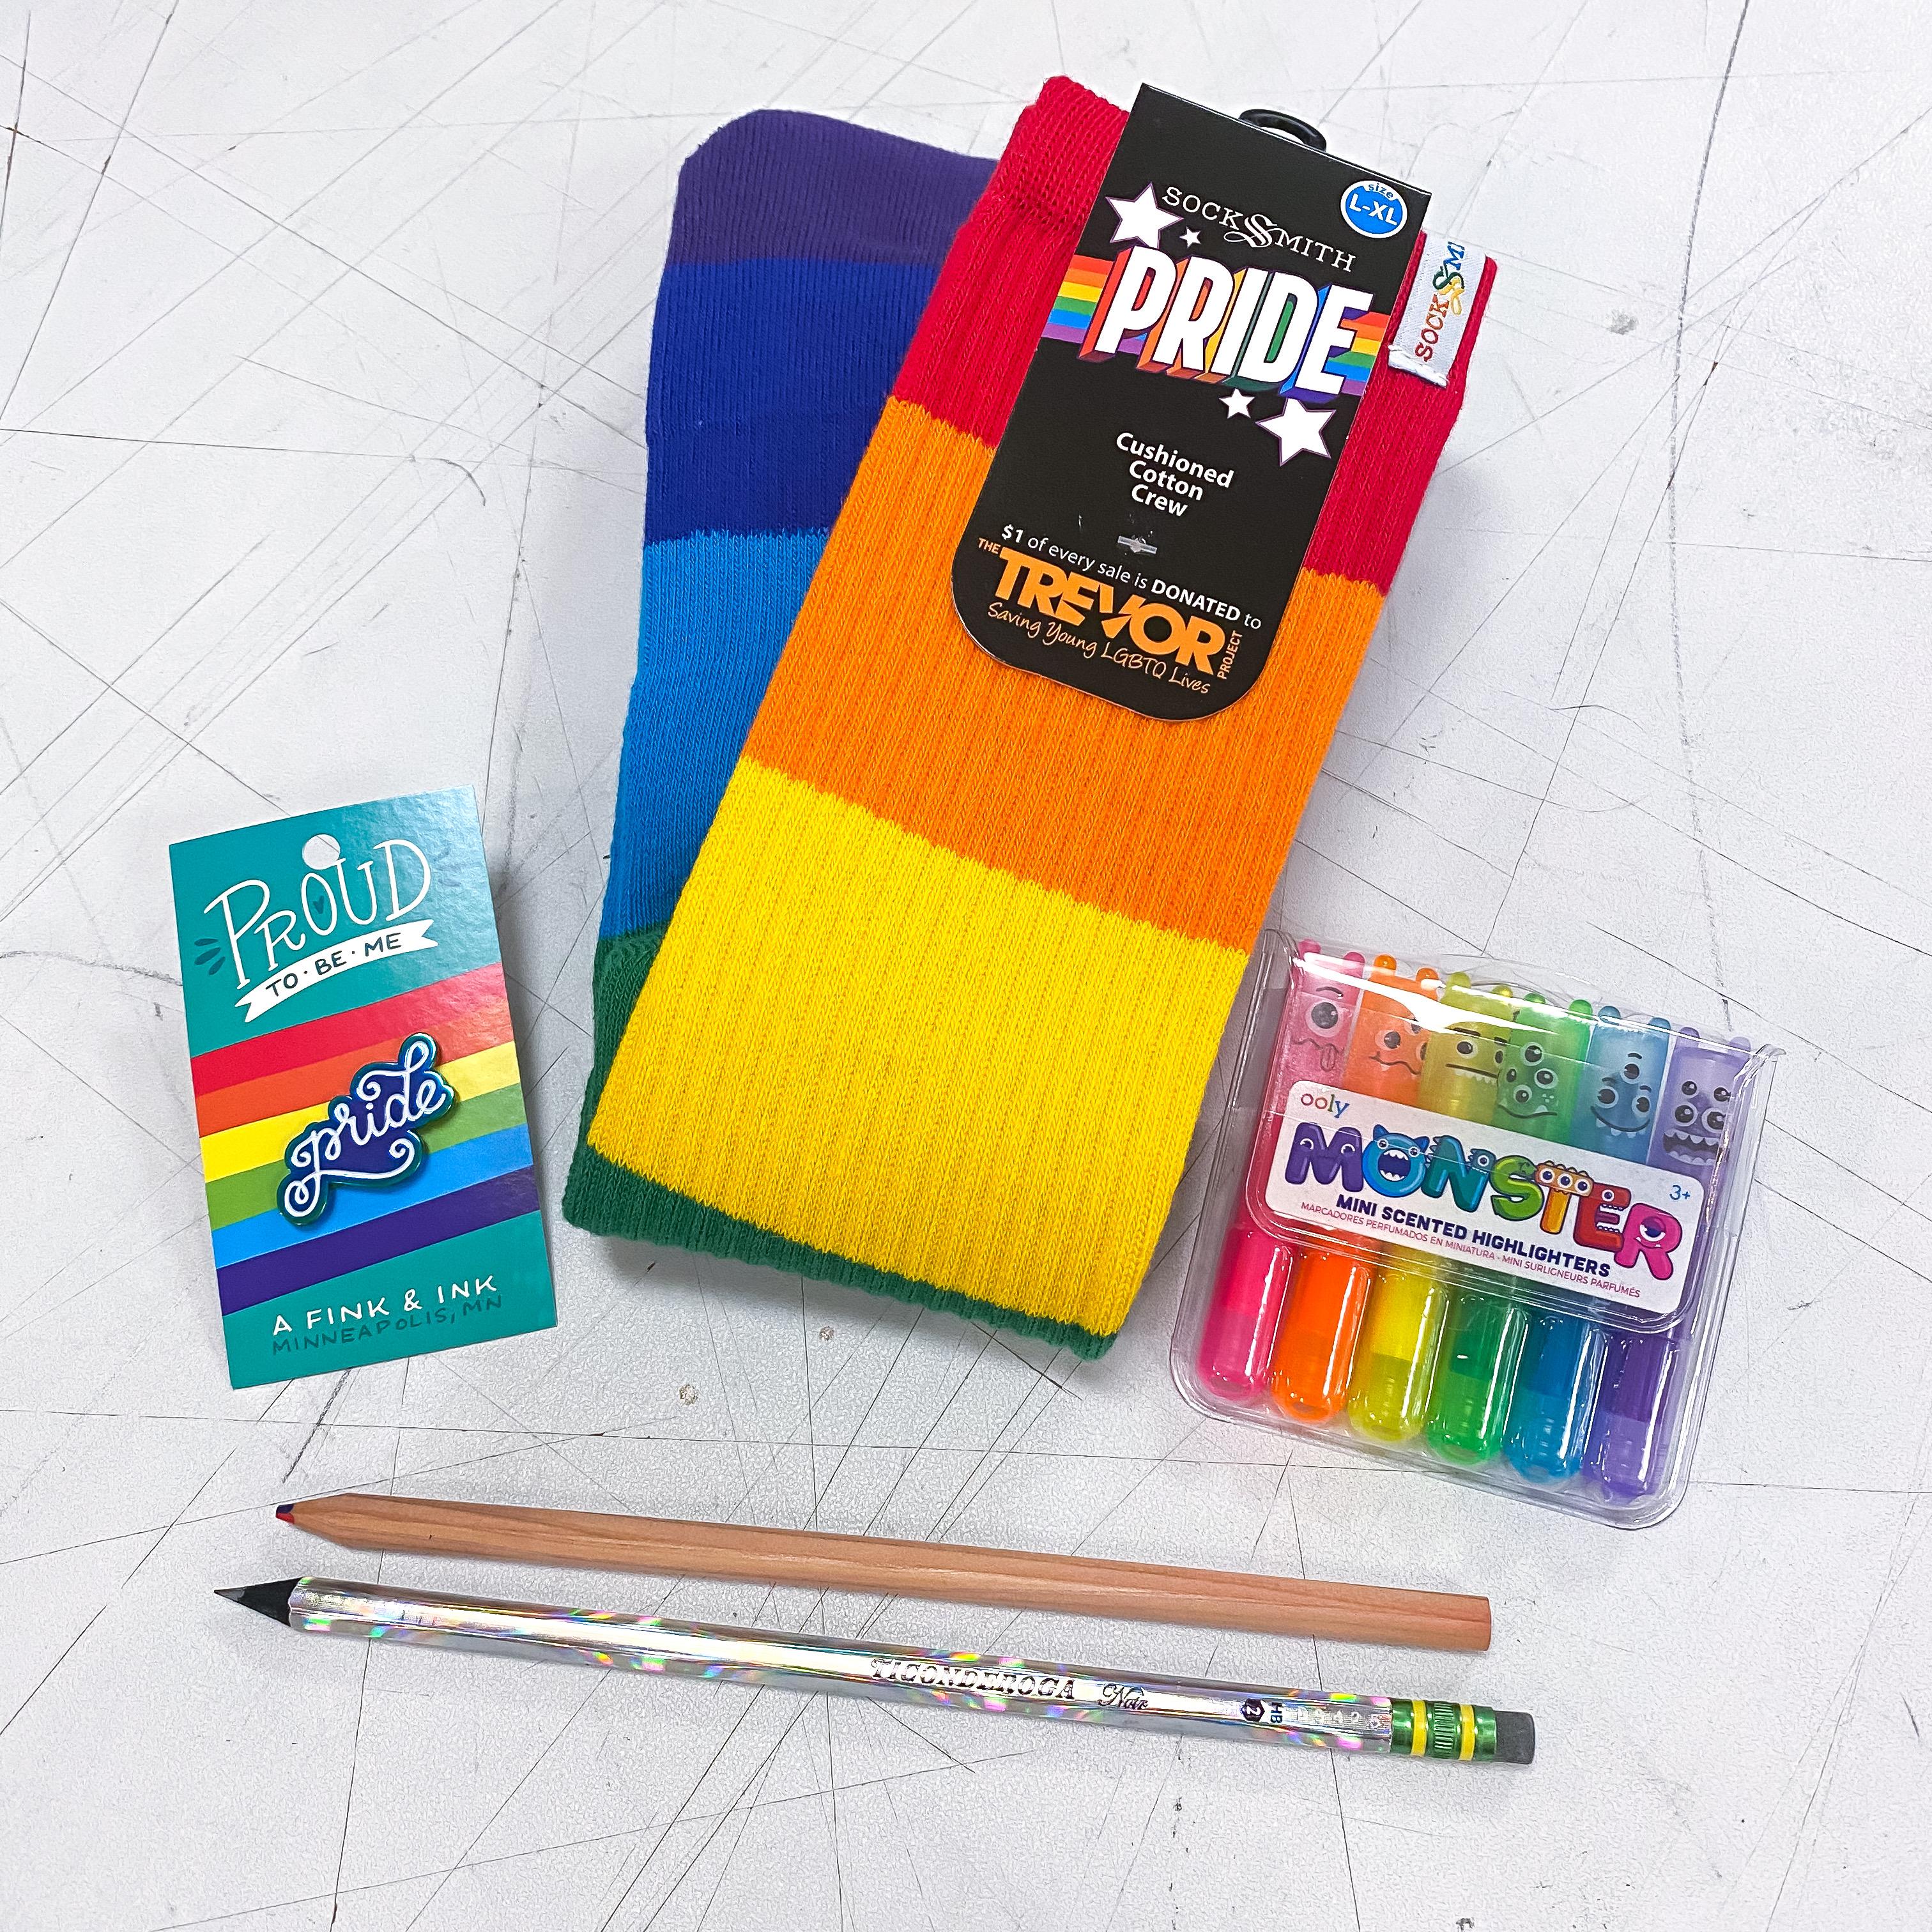 Rainbow Pride Kit!